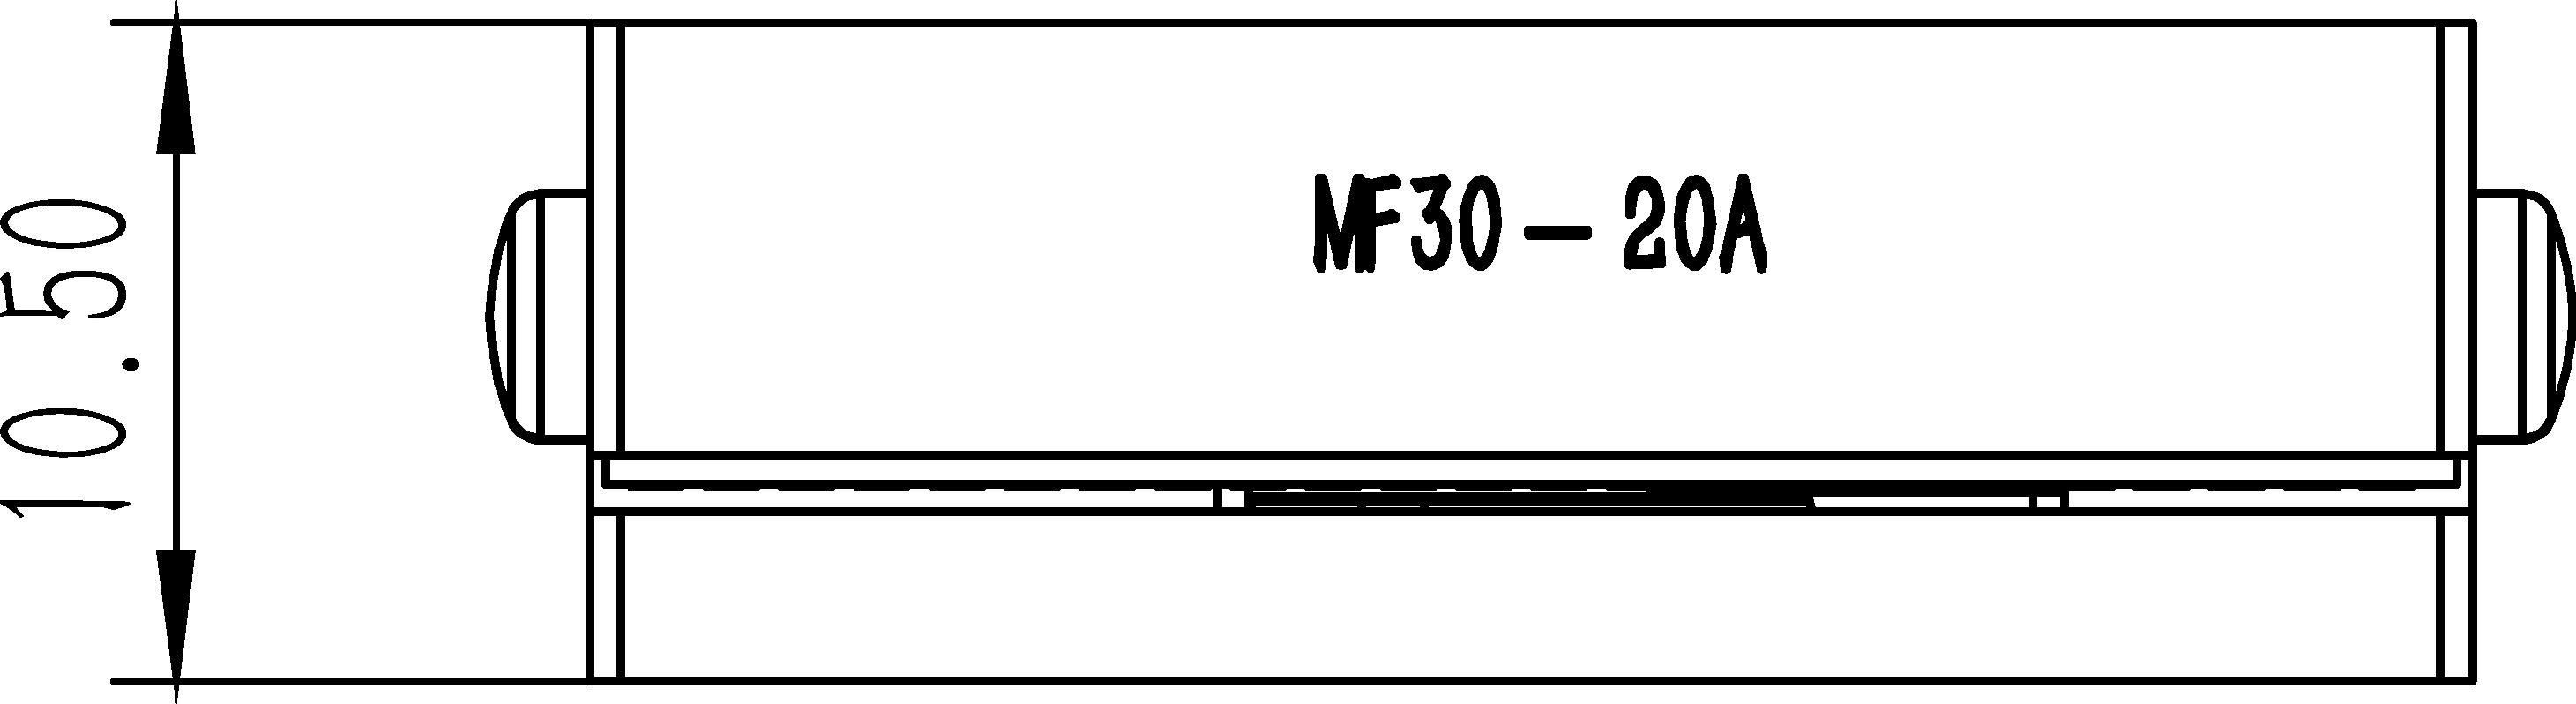 直线纳米位移MF30-20A尺寸3